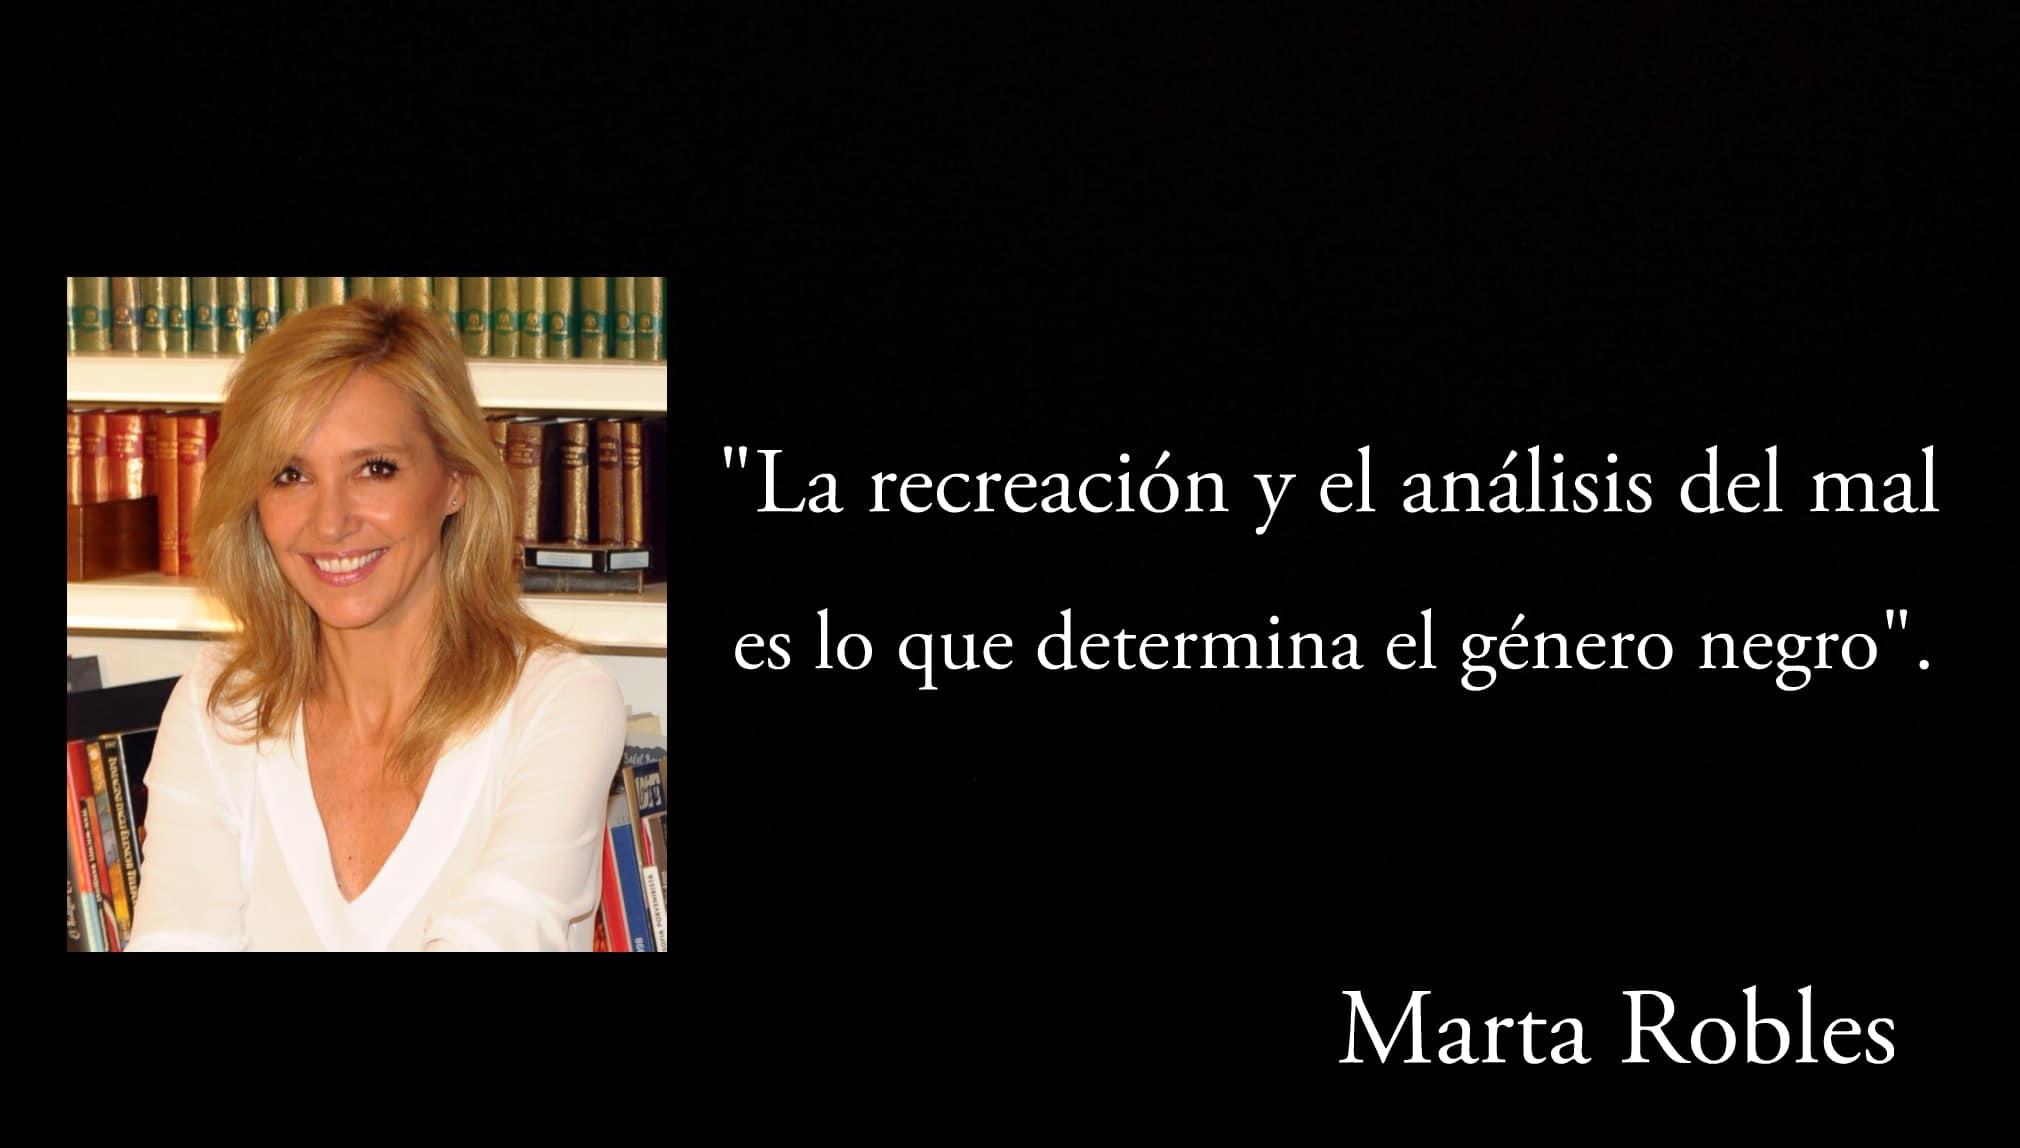 Frase de Marta Robles.